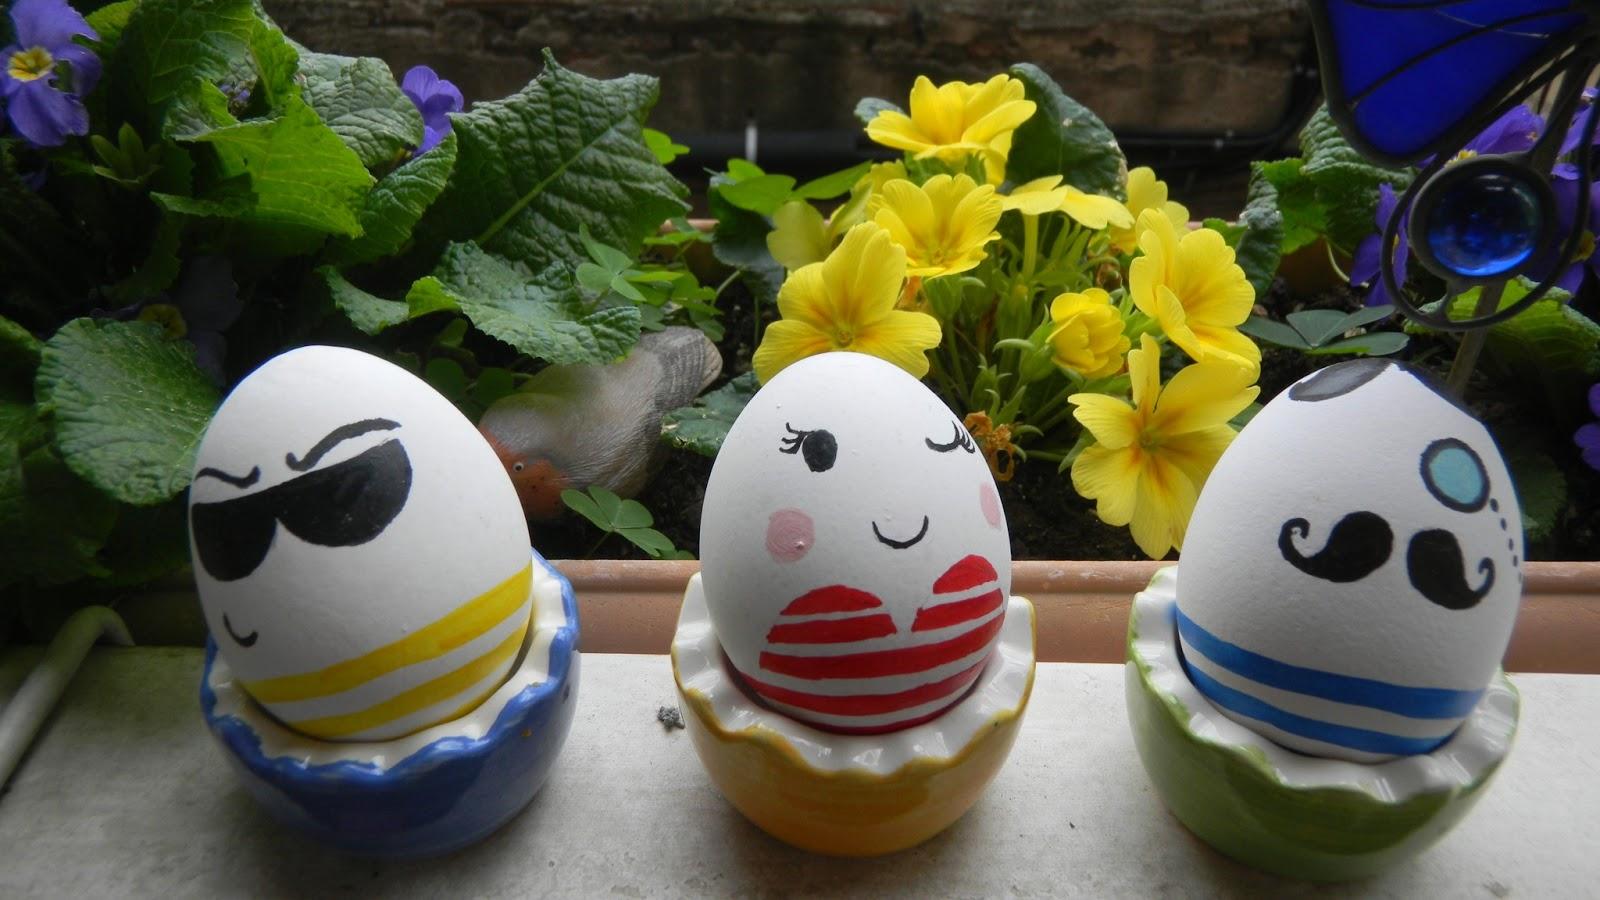 Huevos de pascua decorados vol 3 21 fotos imagenes y for Imagenes bonitas para decorar